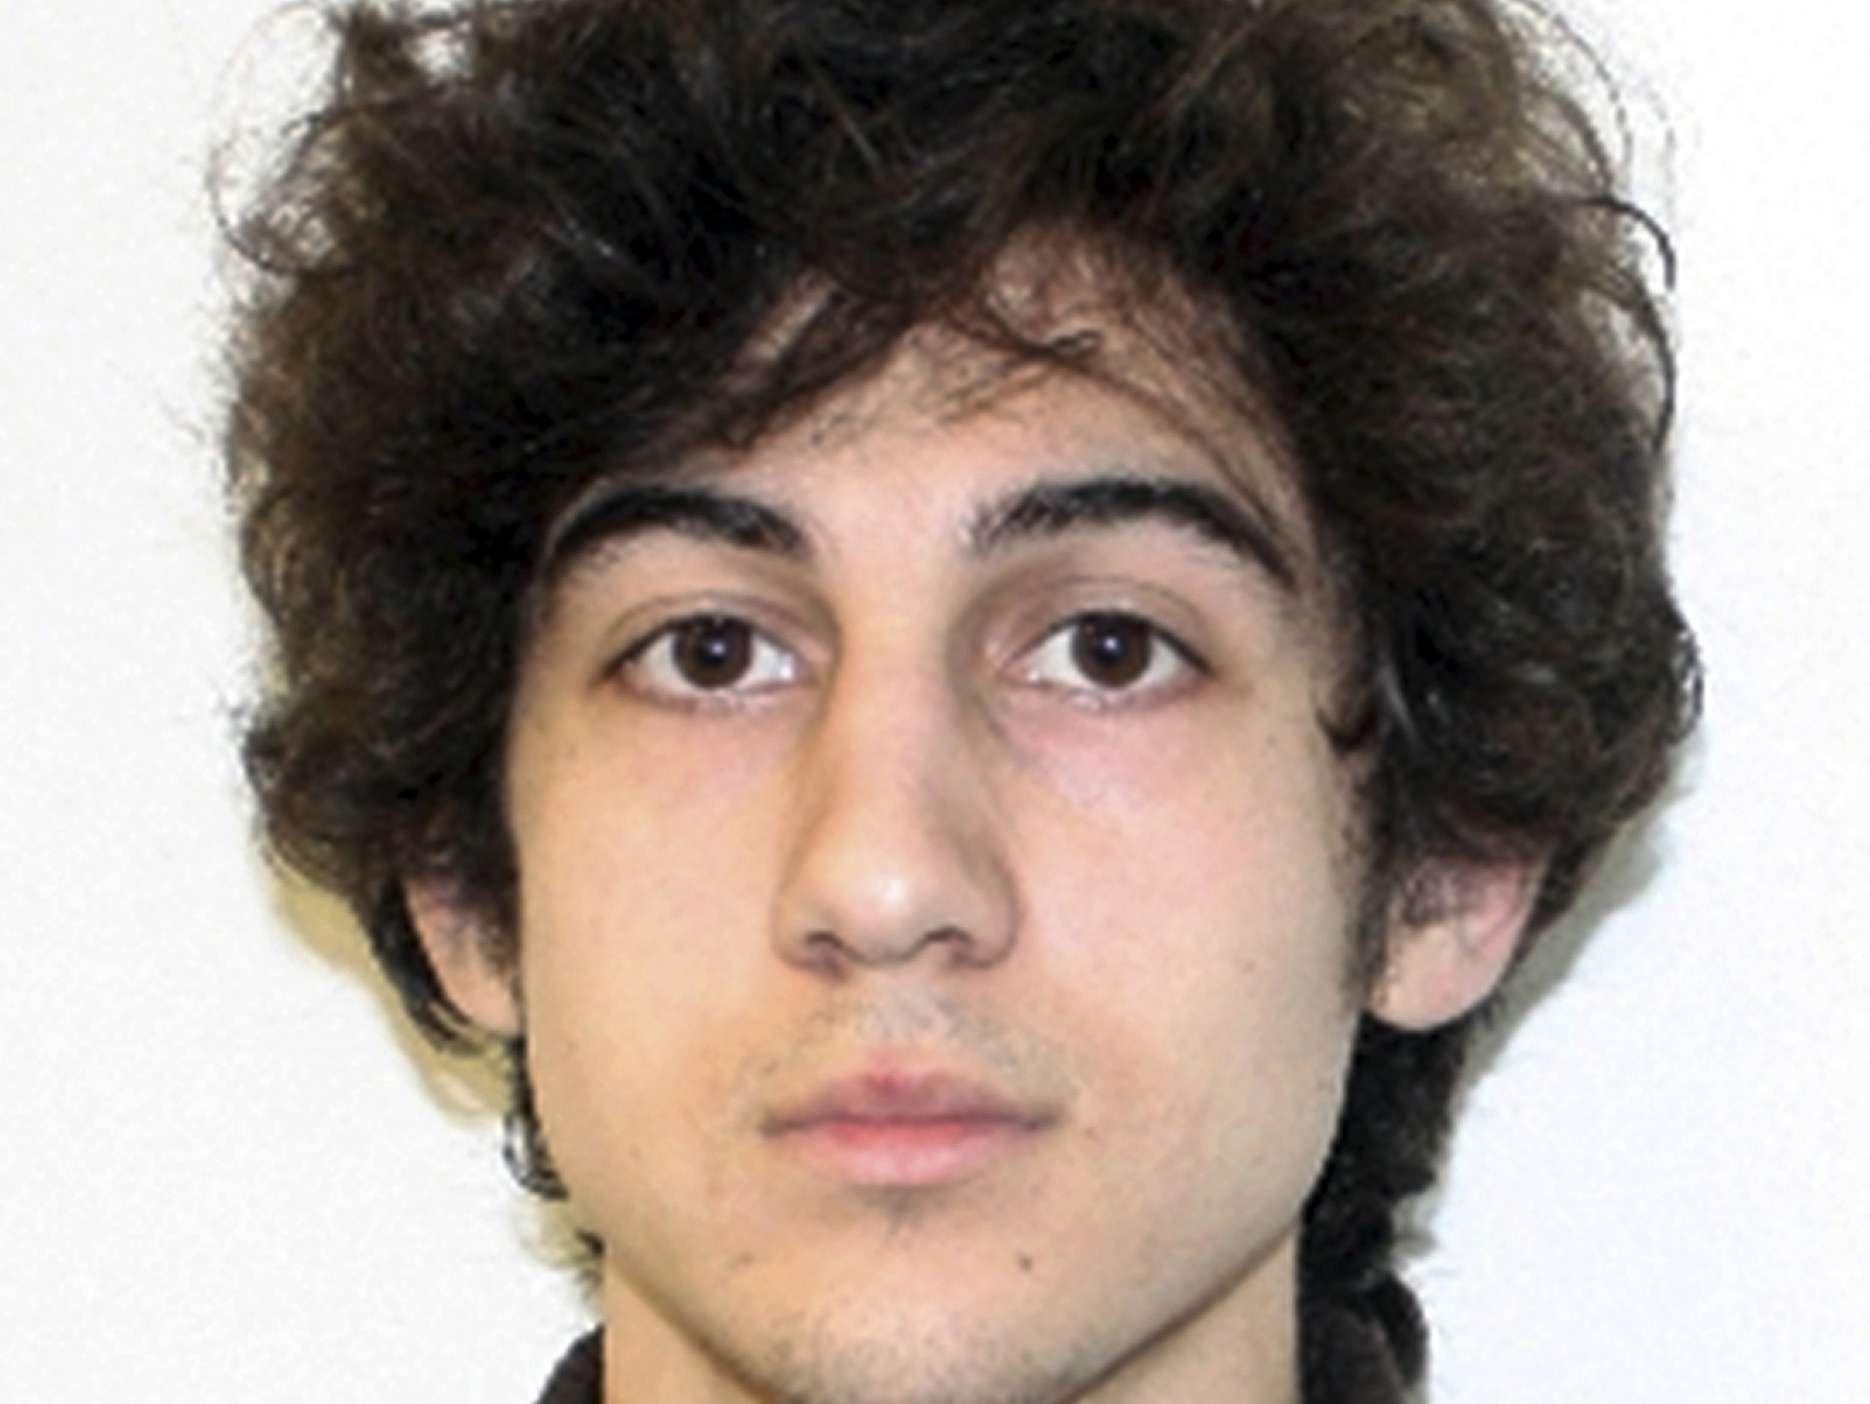 Djokhar Tsarnaev, principal sospechoso de los atentados de abril del 2013 en Boston. Foto: AP en español